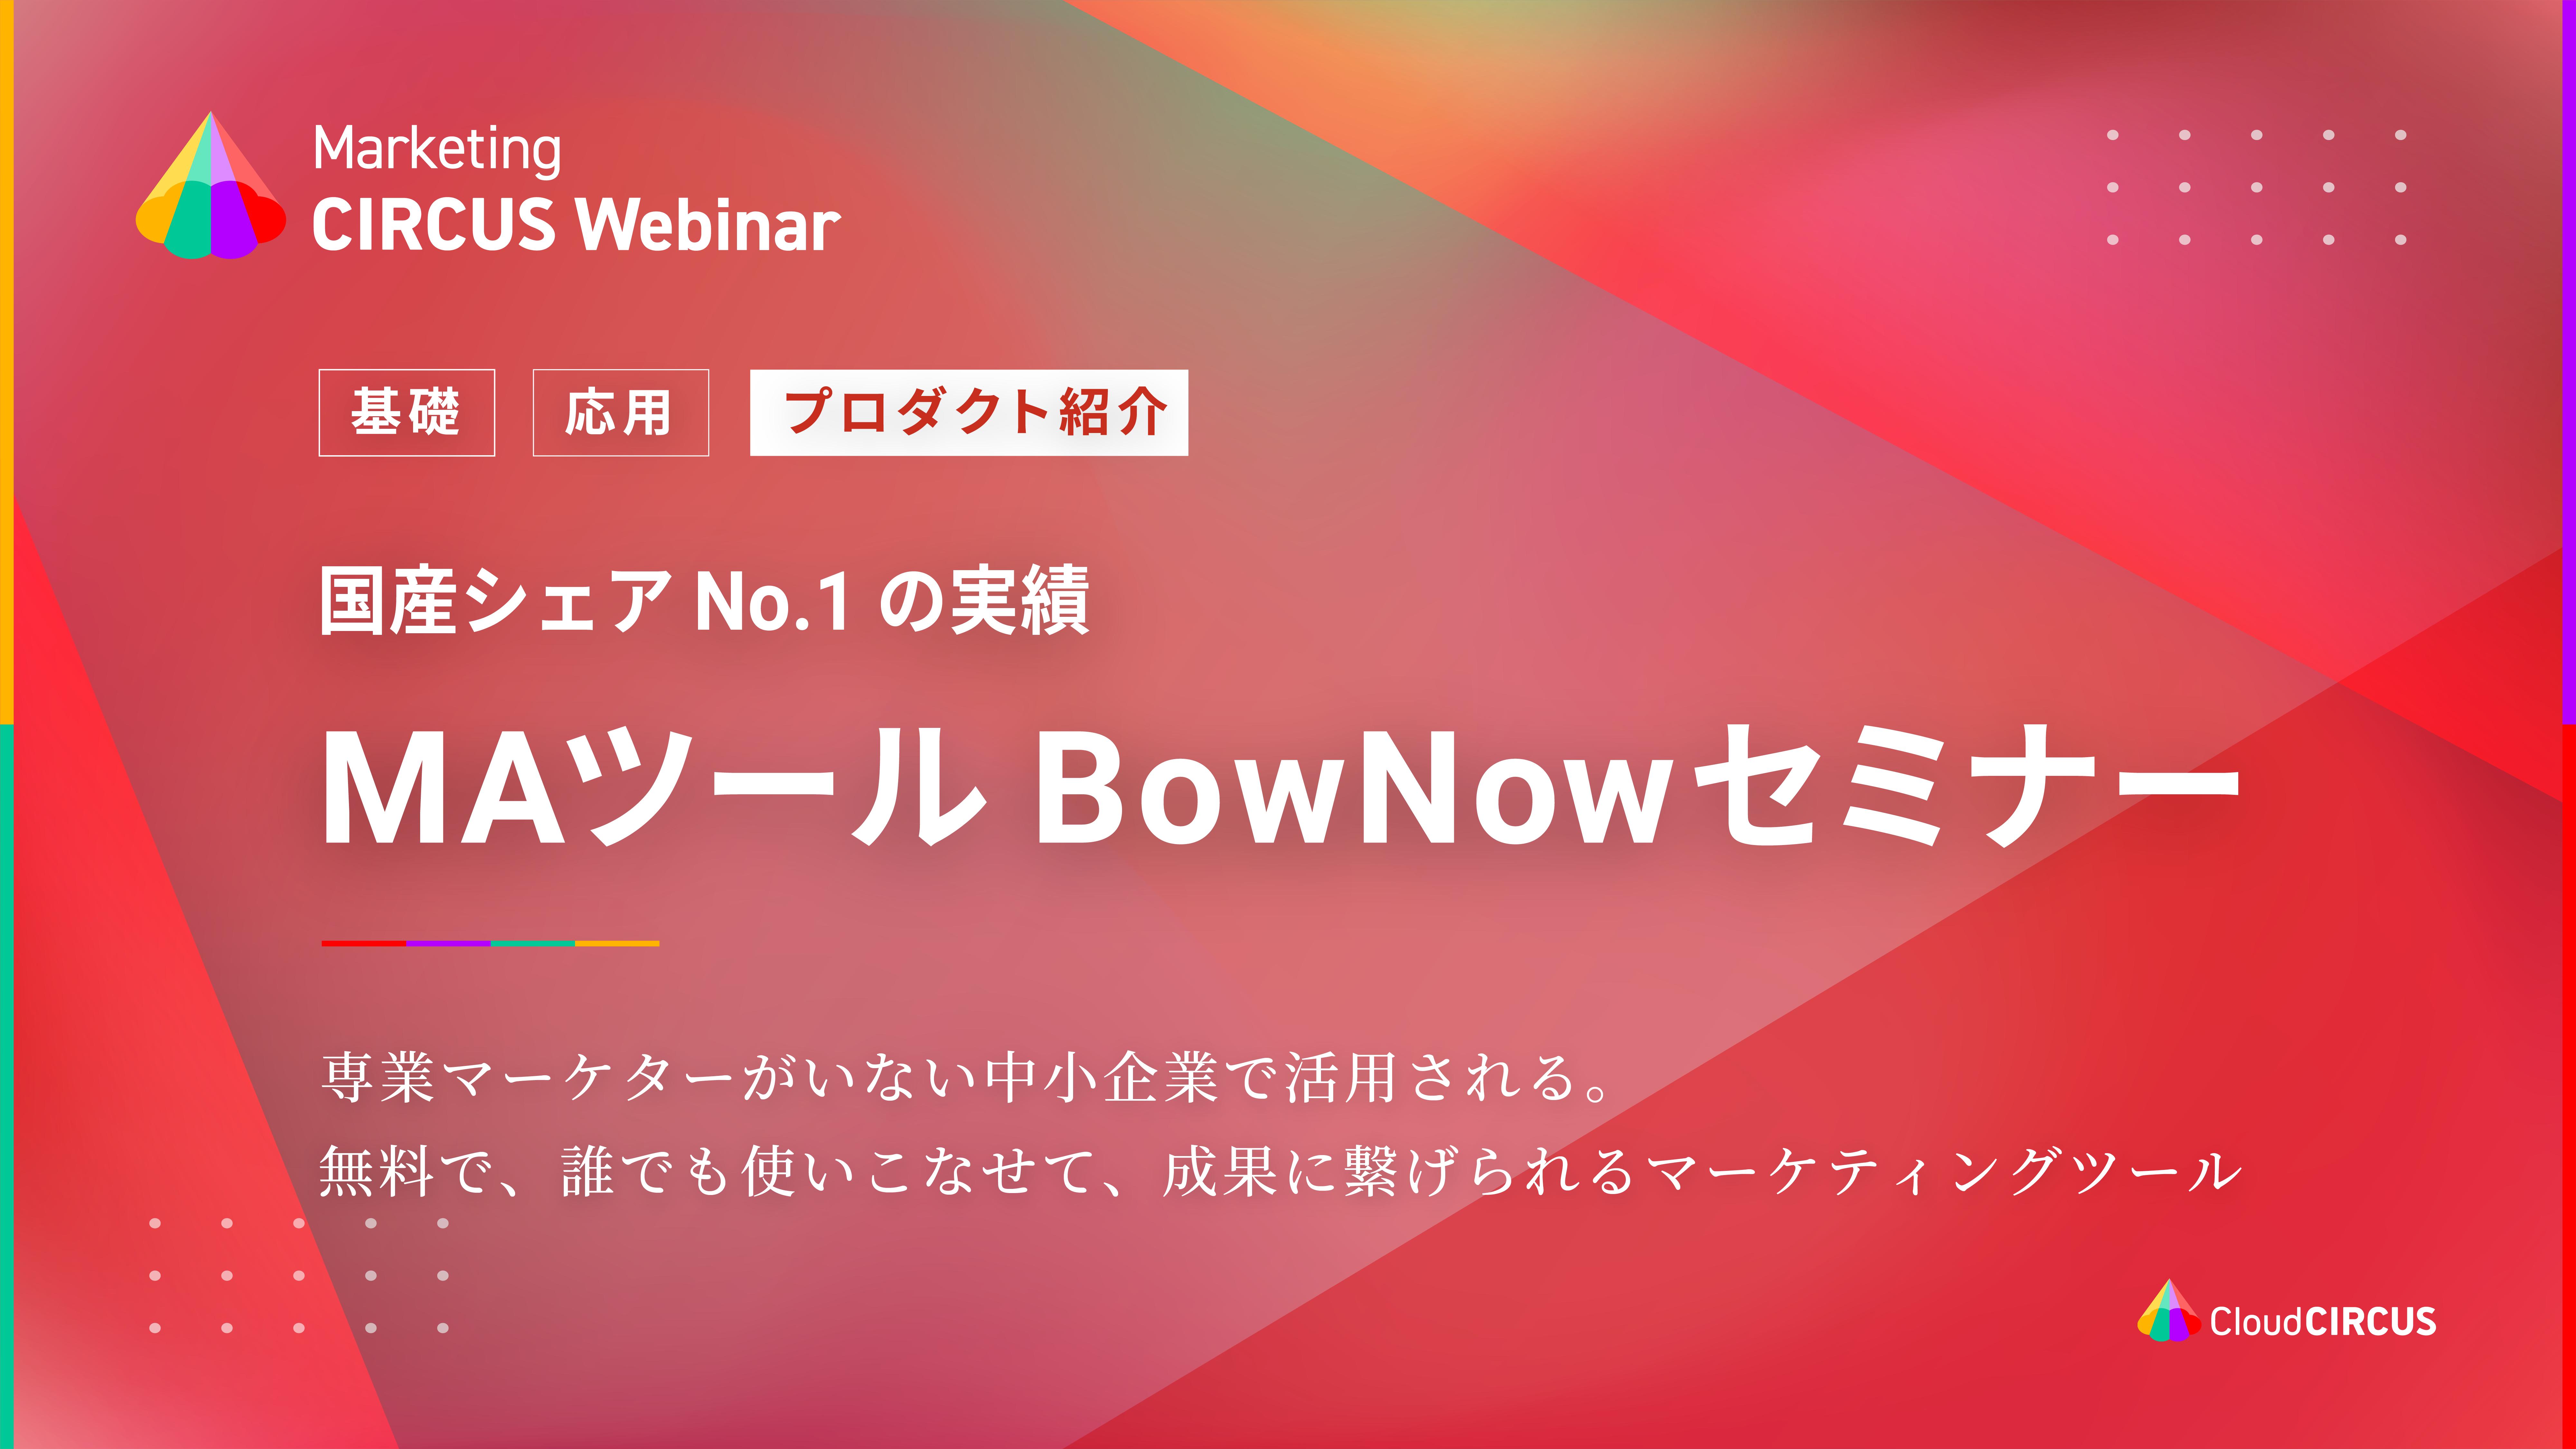 【10月21日(木)】MAツール BowNowセミナー。国産MAシェアNo.1の実績。無料で、素早く、簡単に商談創出!